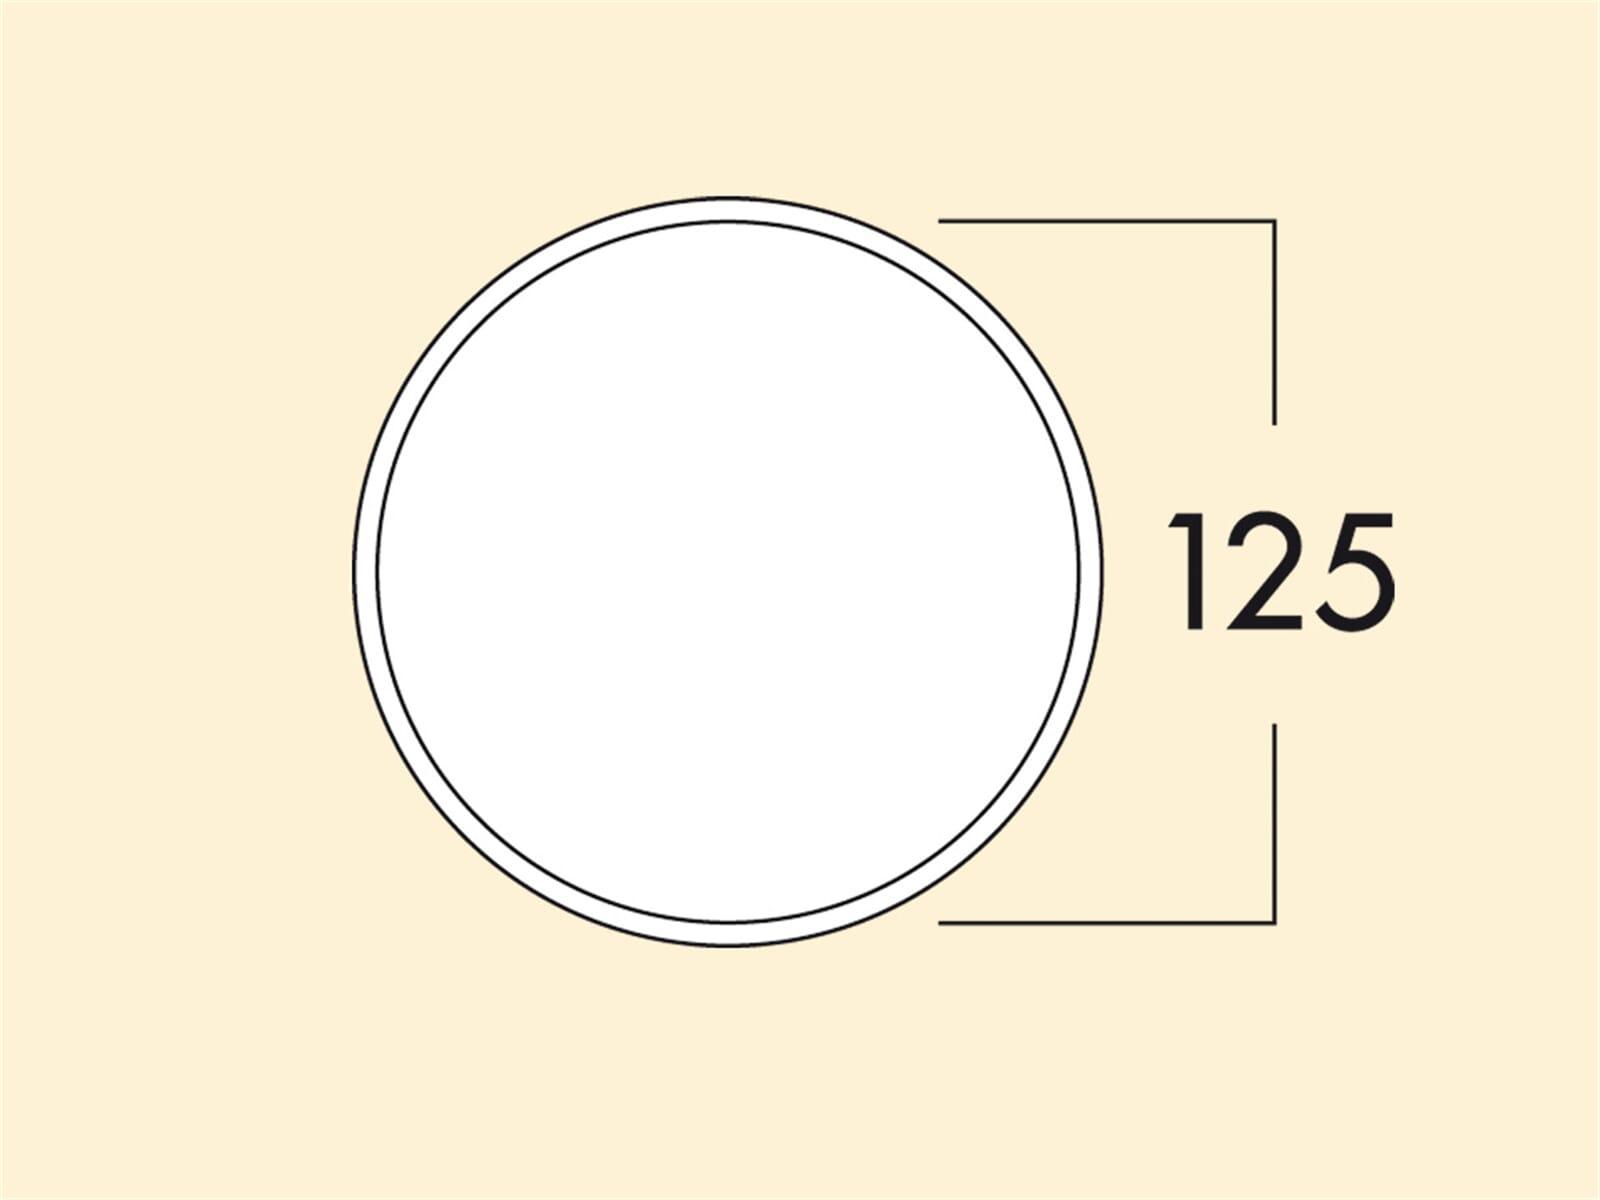 Compair 402.2.013 Klima-E 125 Mauerkasten